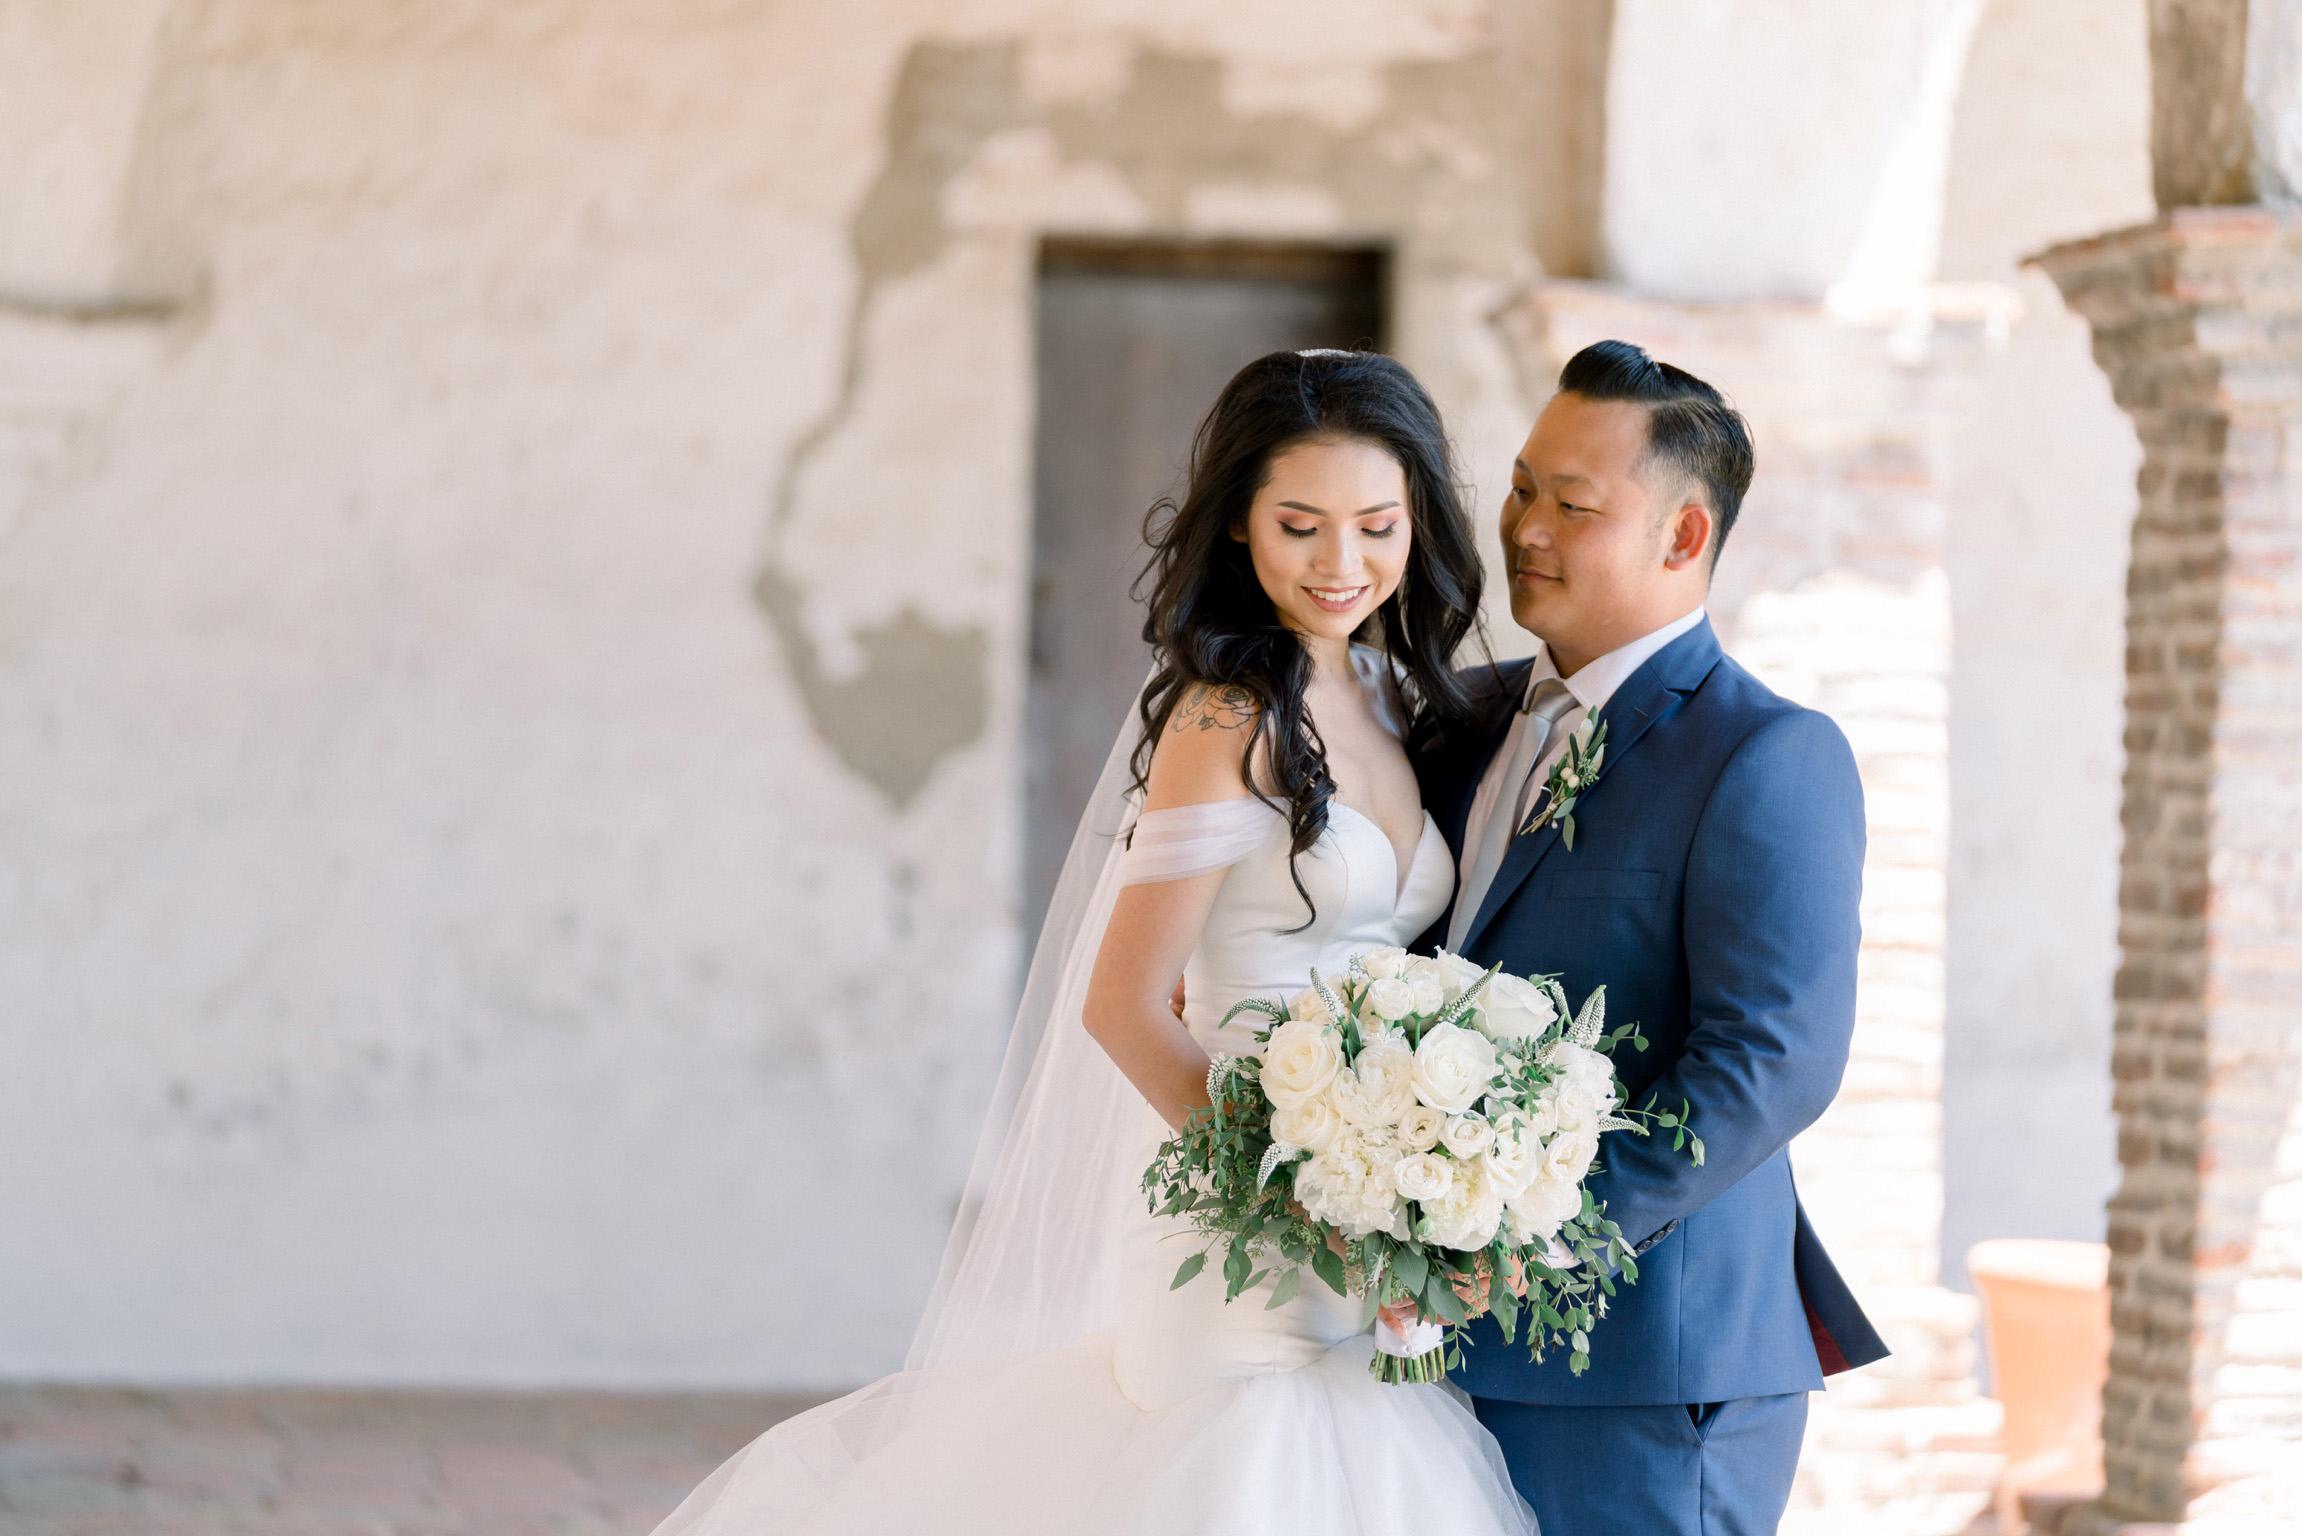 SUMMER WEDDING: Jay & Runa | venue: Venue by 3 petals